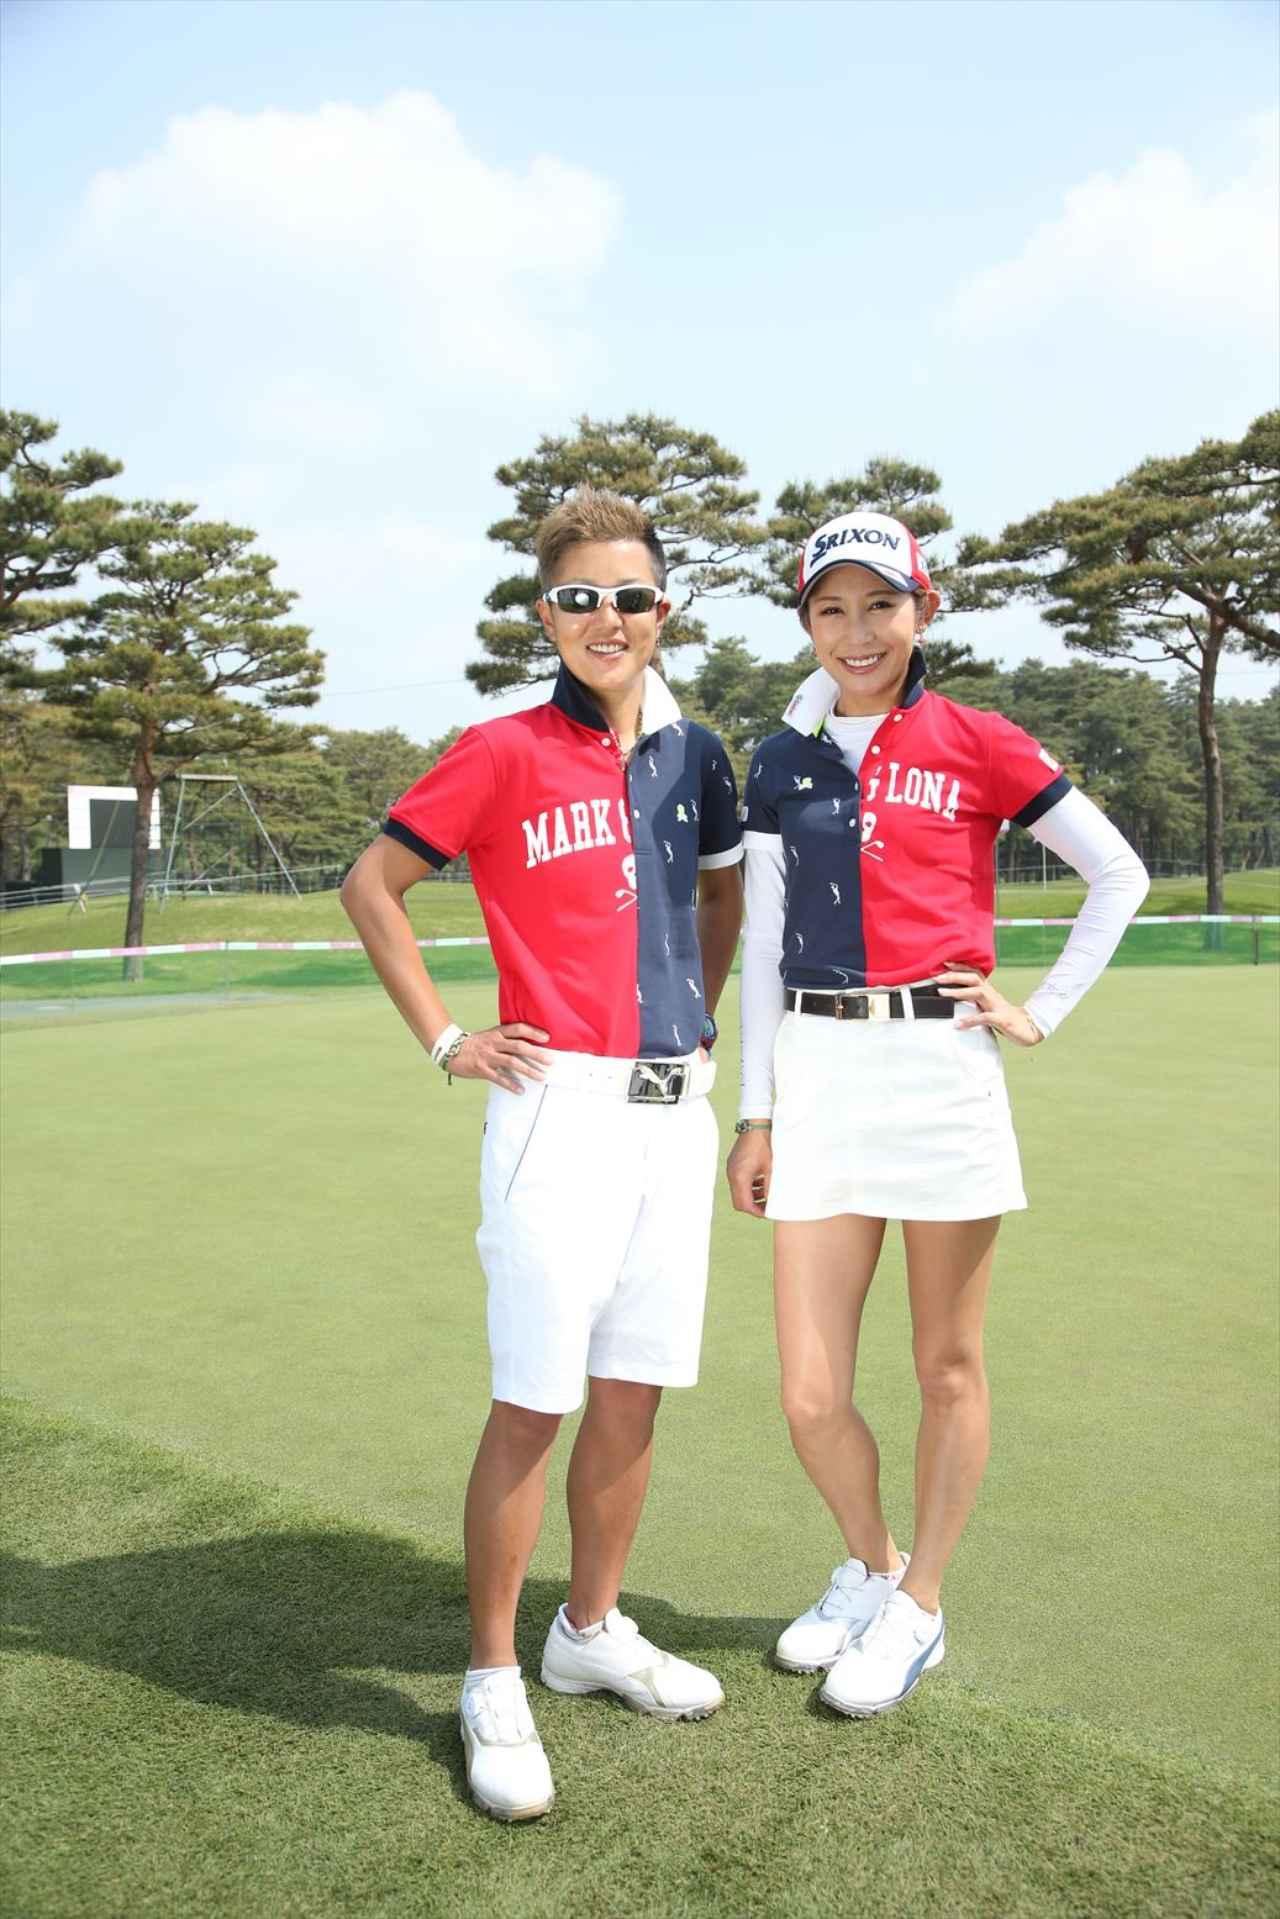 画像: 右は金田久美子選手で、左はキャディの土田麻依子さん。選手&キャディのパターンもありますね。